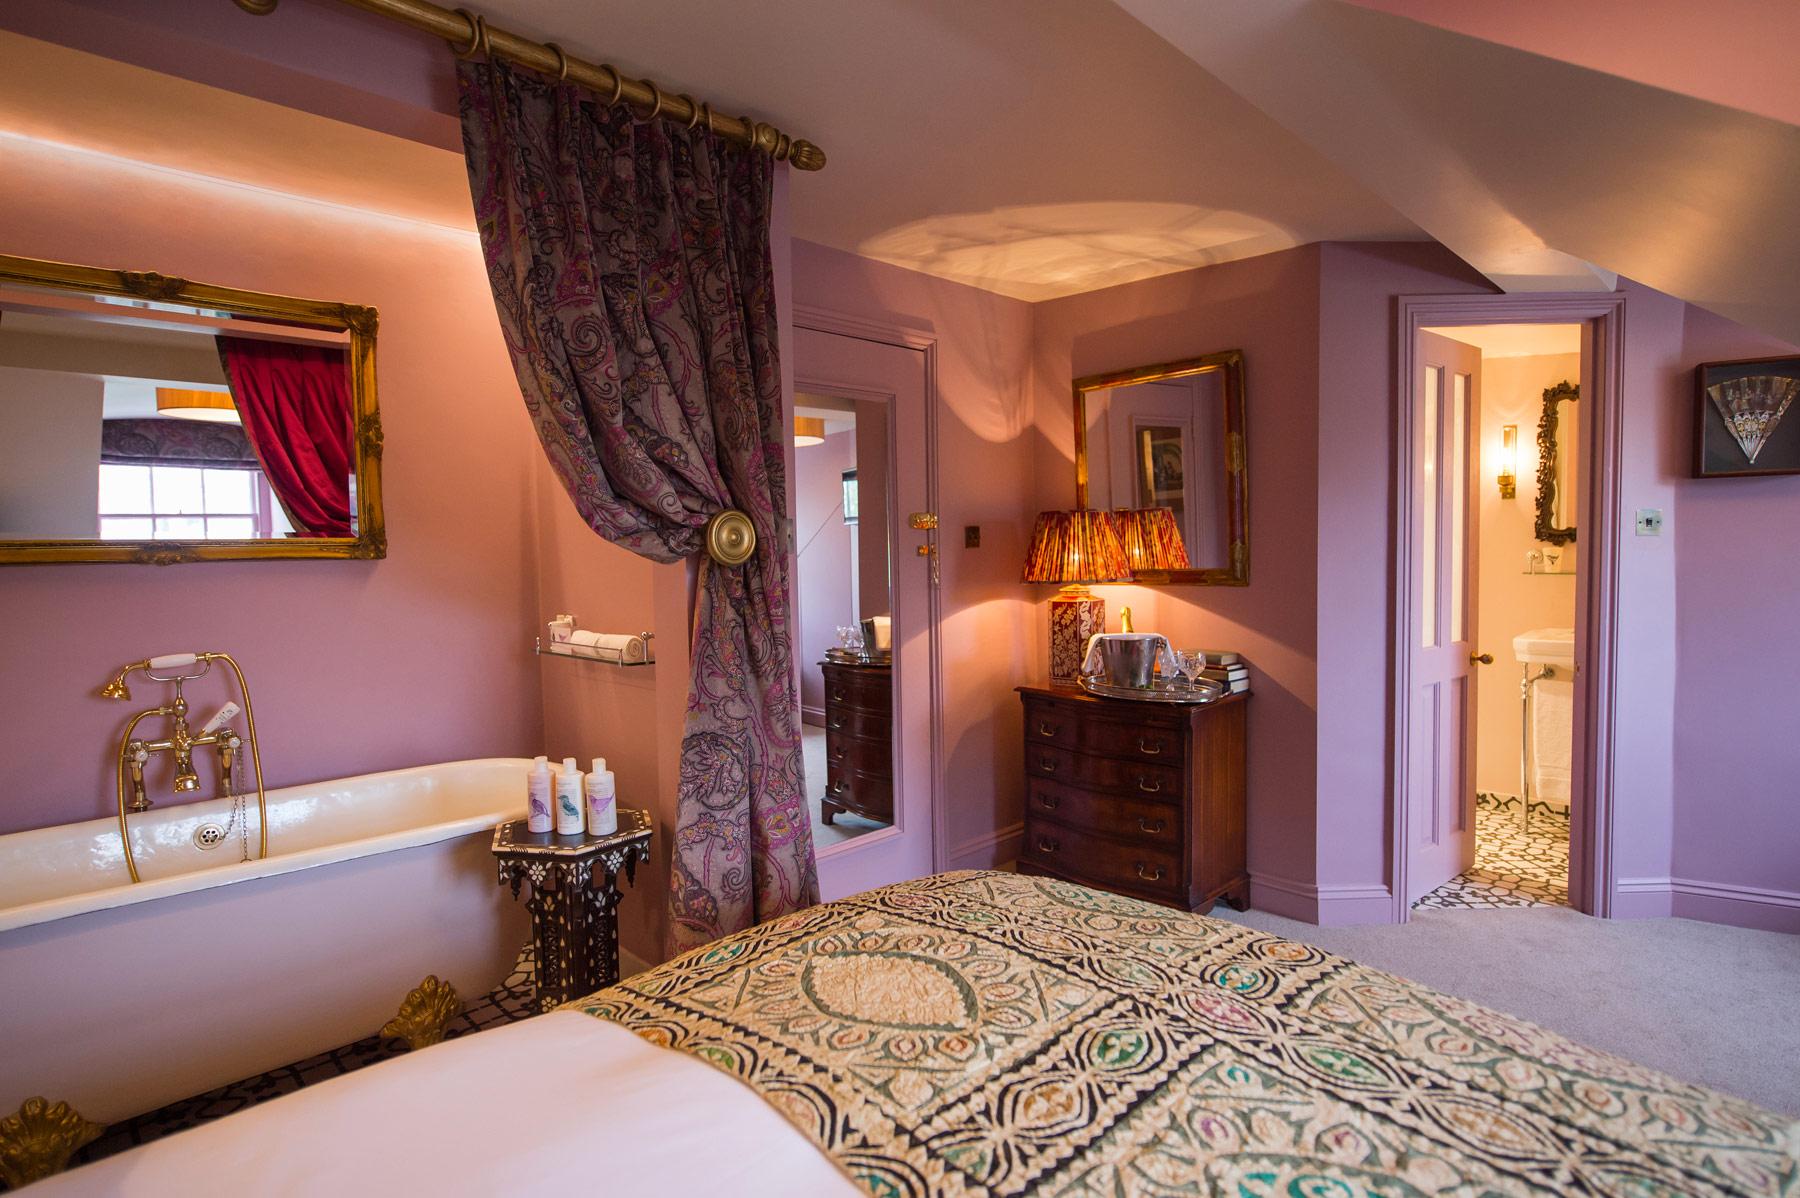 The Portobello Hotel -Photograph © Amy Murrell